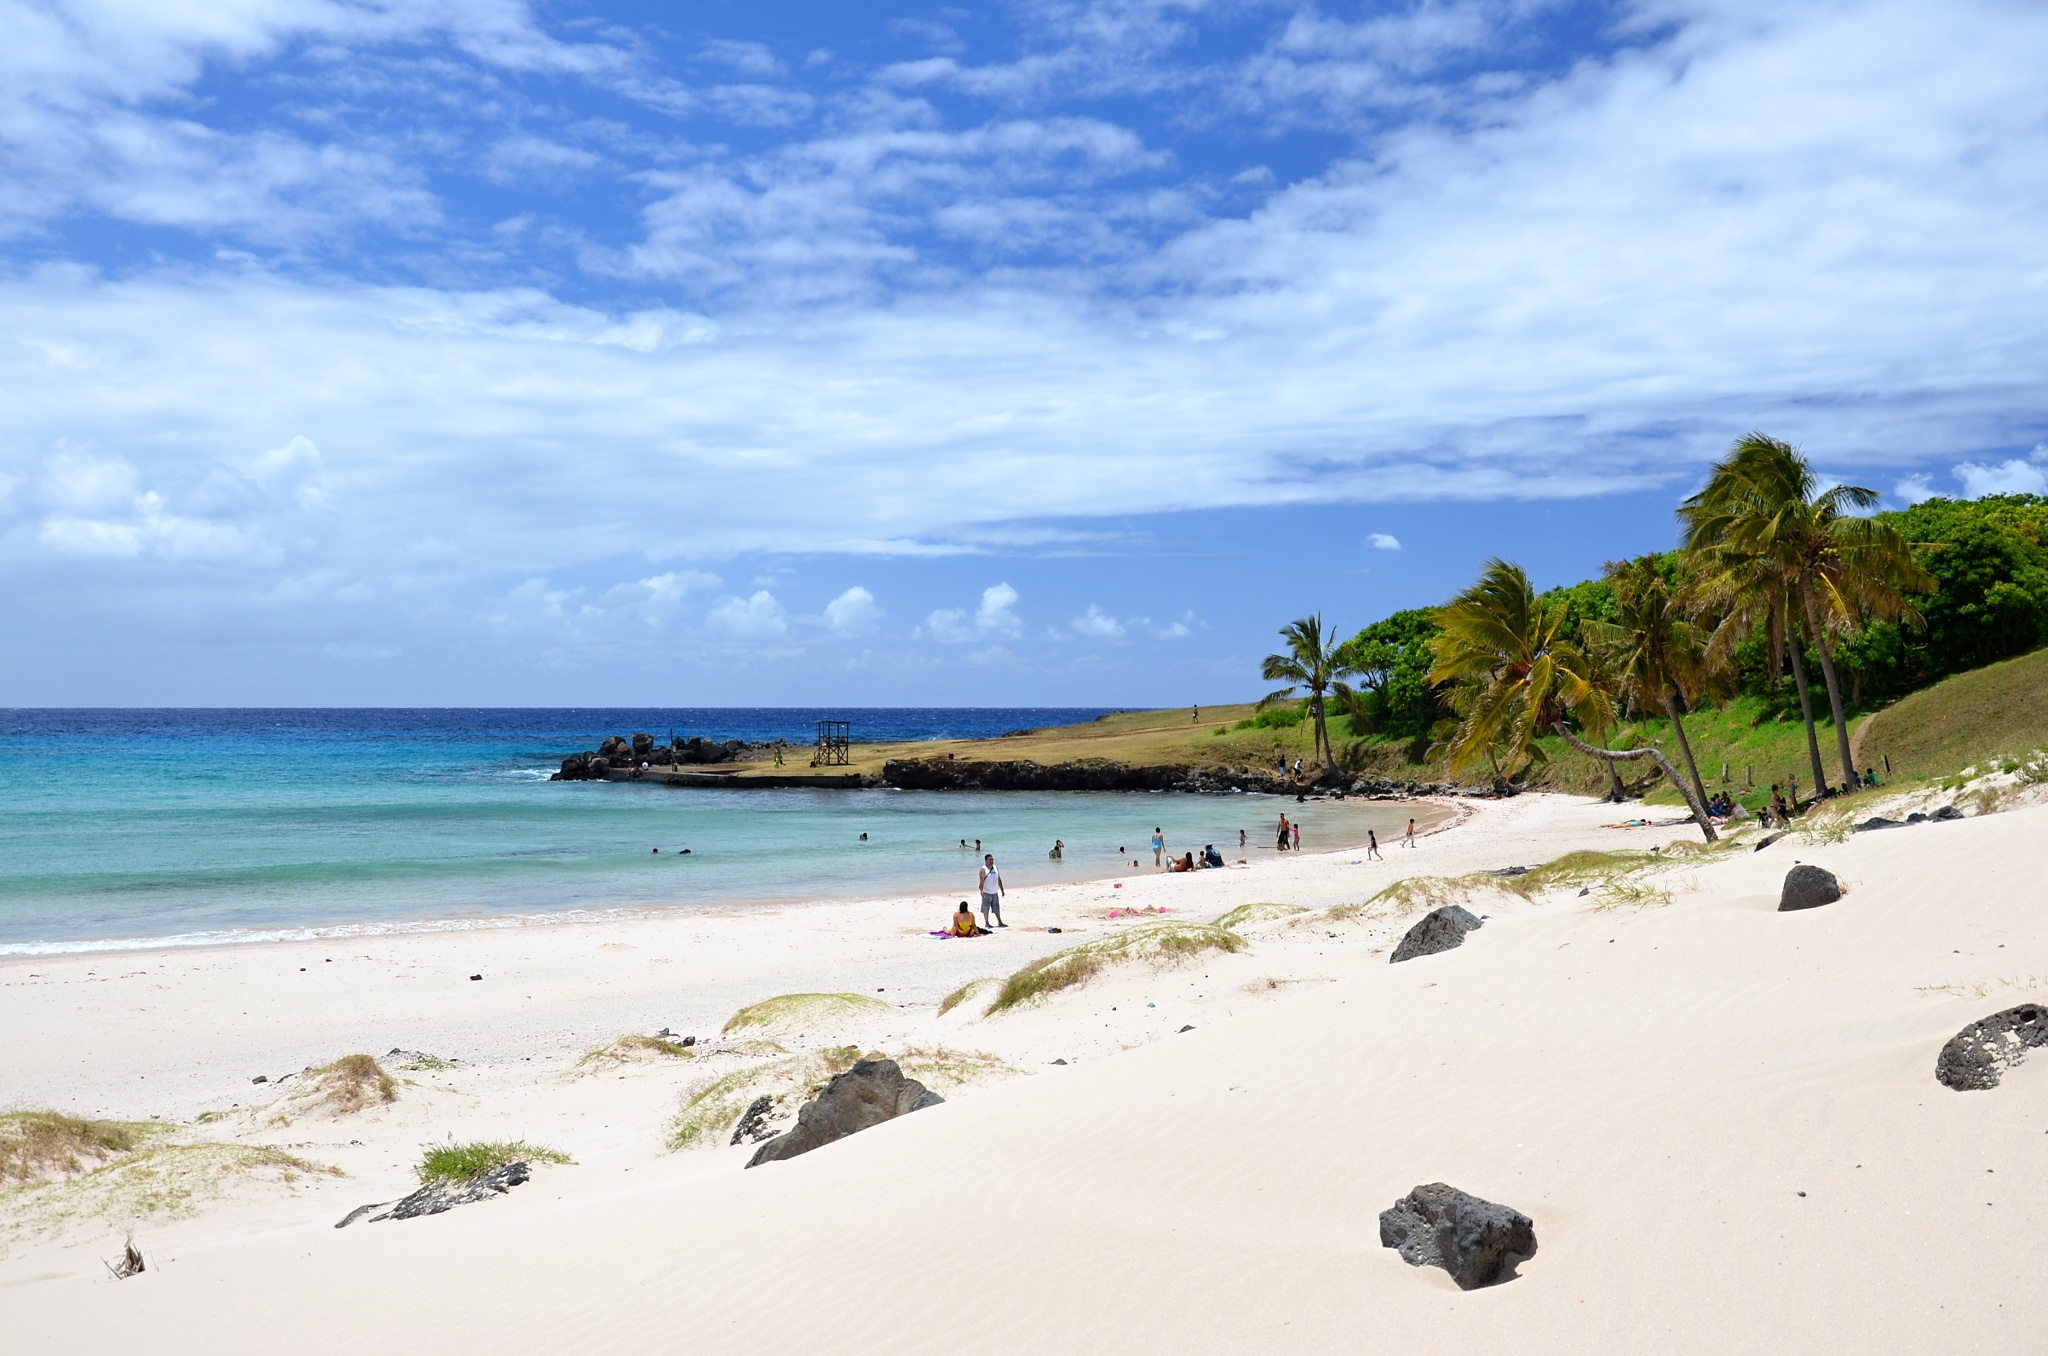 Pláž a zátoka Anakena